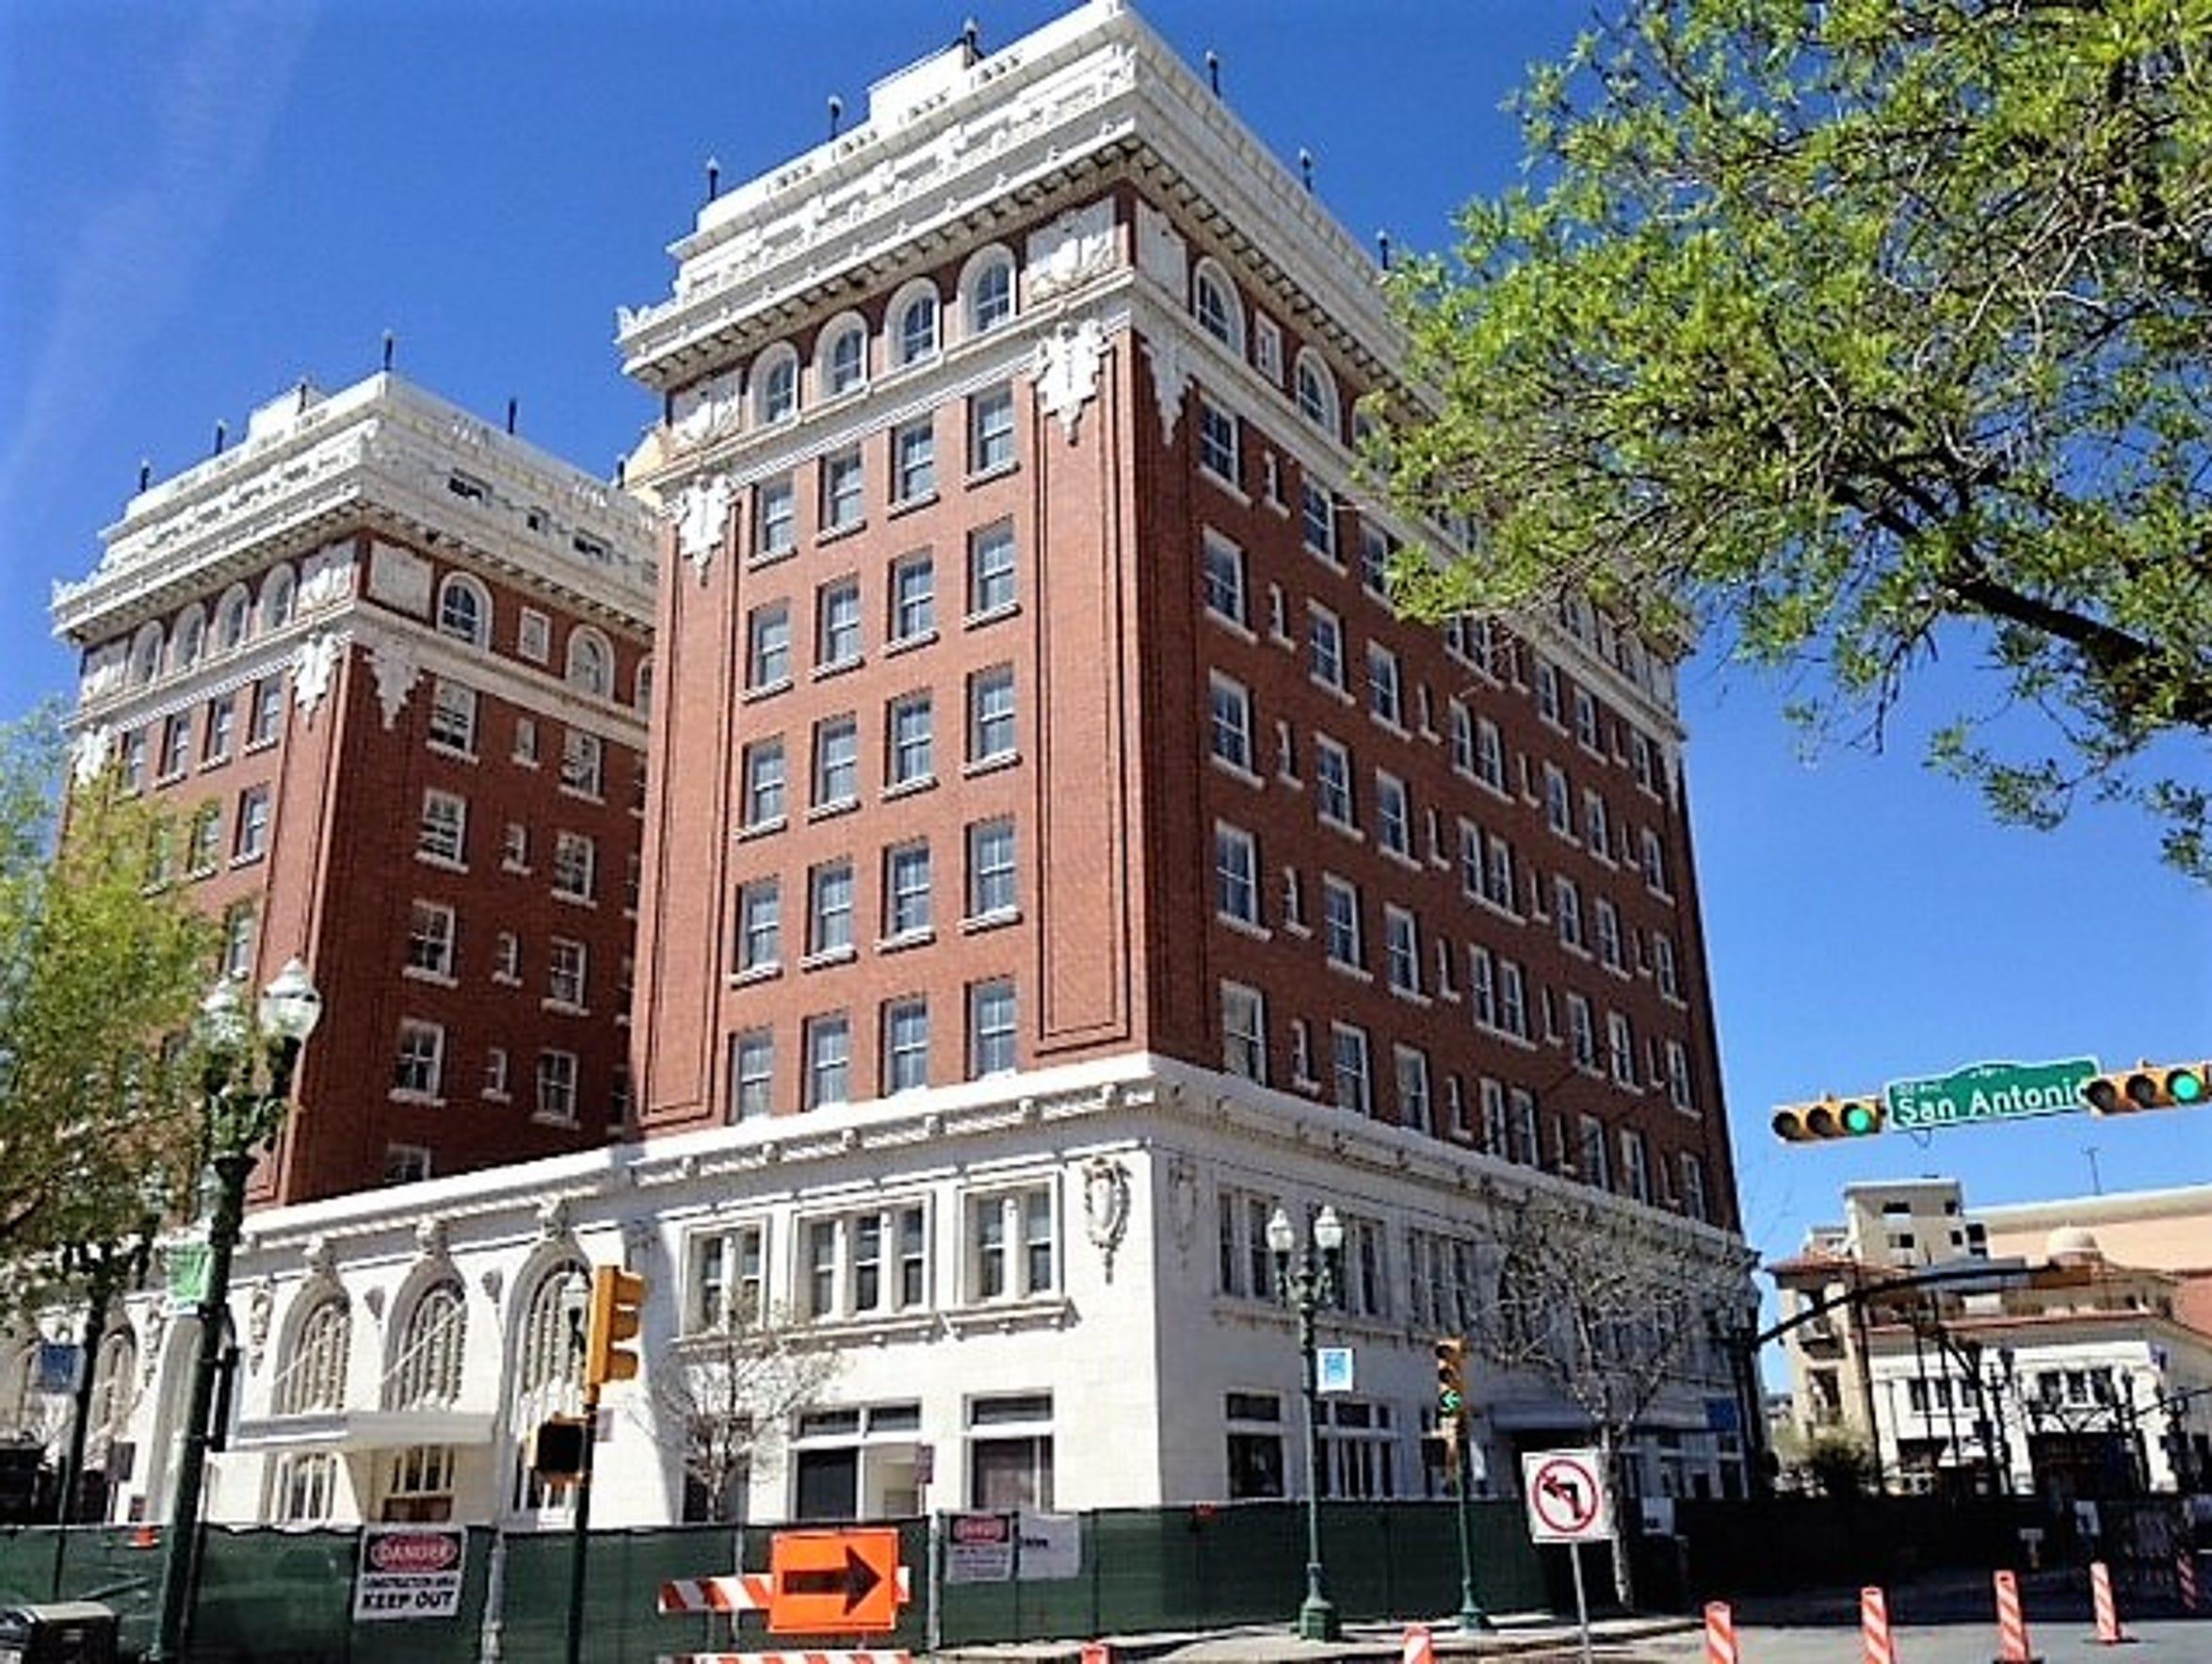 The Hotel Paso Del Norte's $70 million renovation wasn't